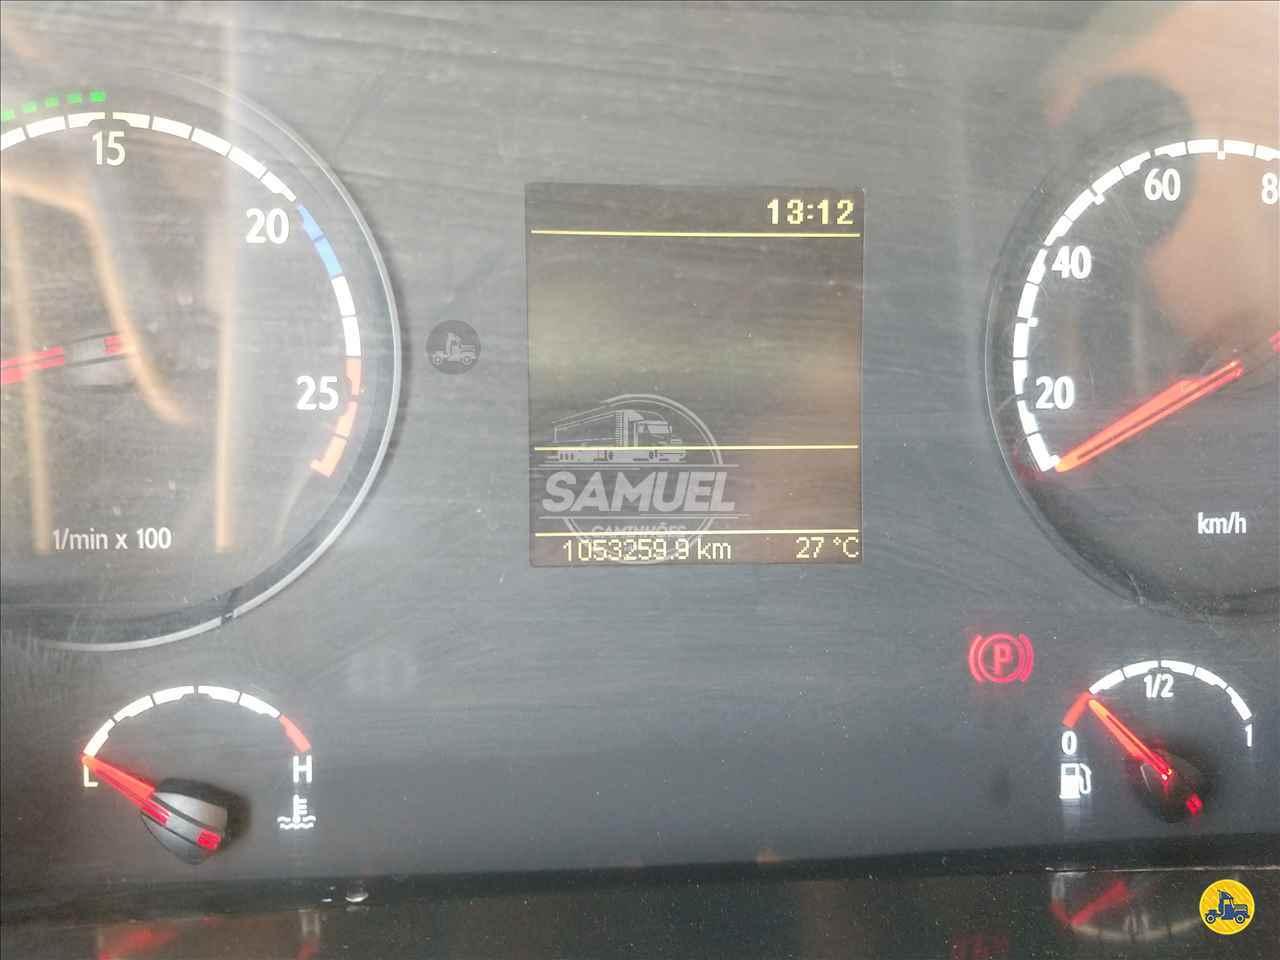 SCANIA SCANIA 420 1053300km 2009/2010 Samuel Caminhões